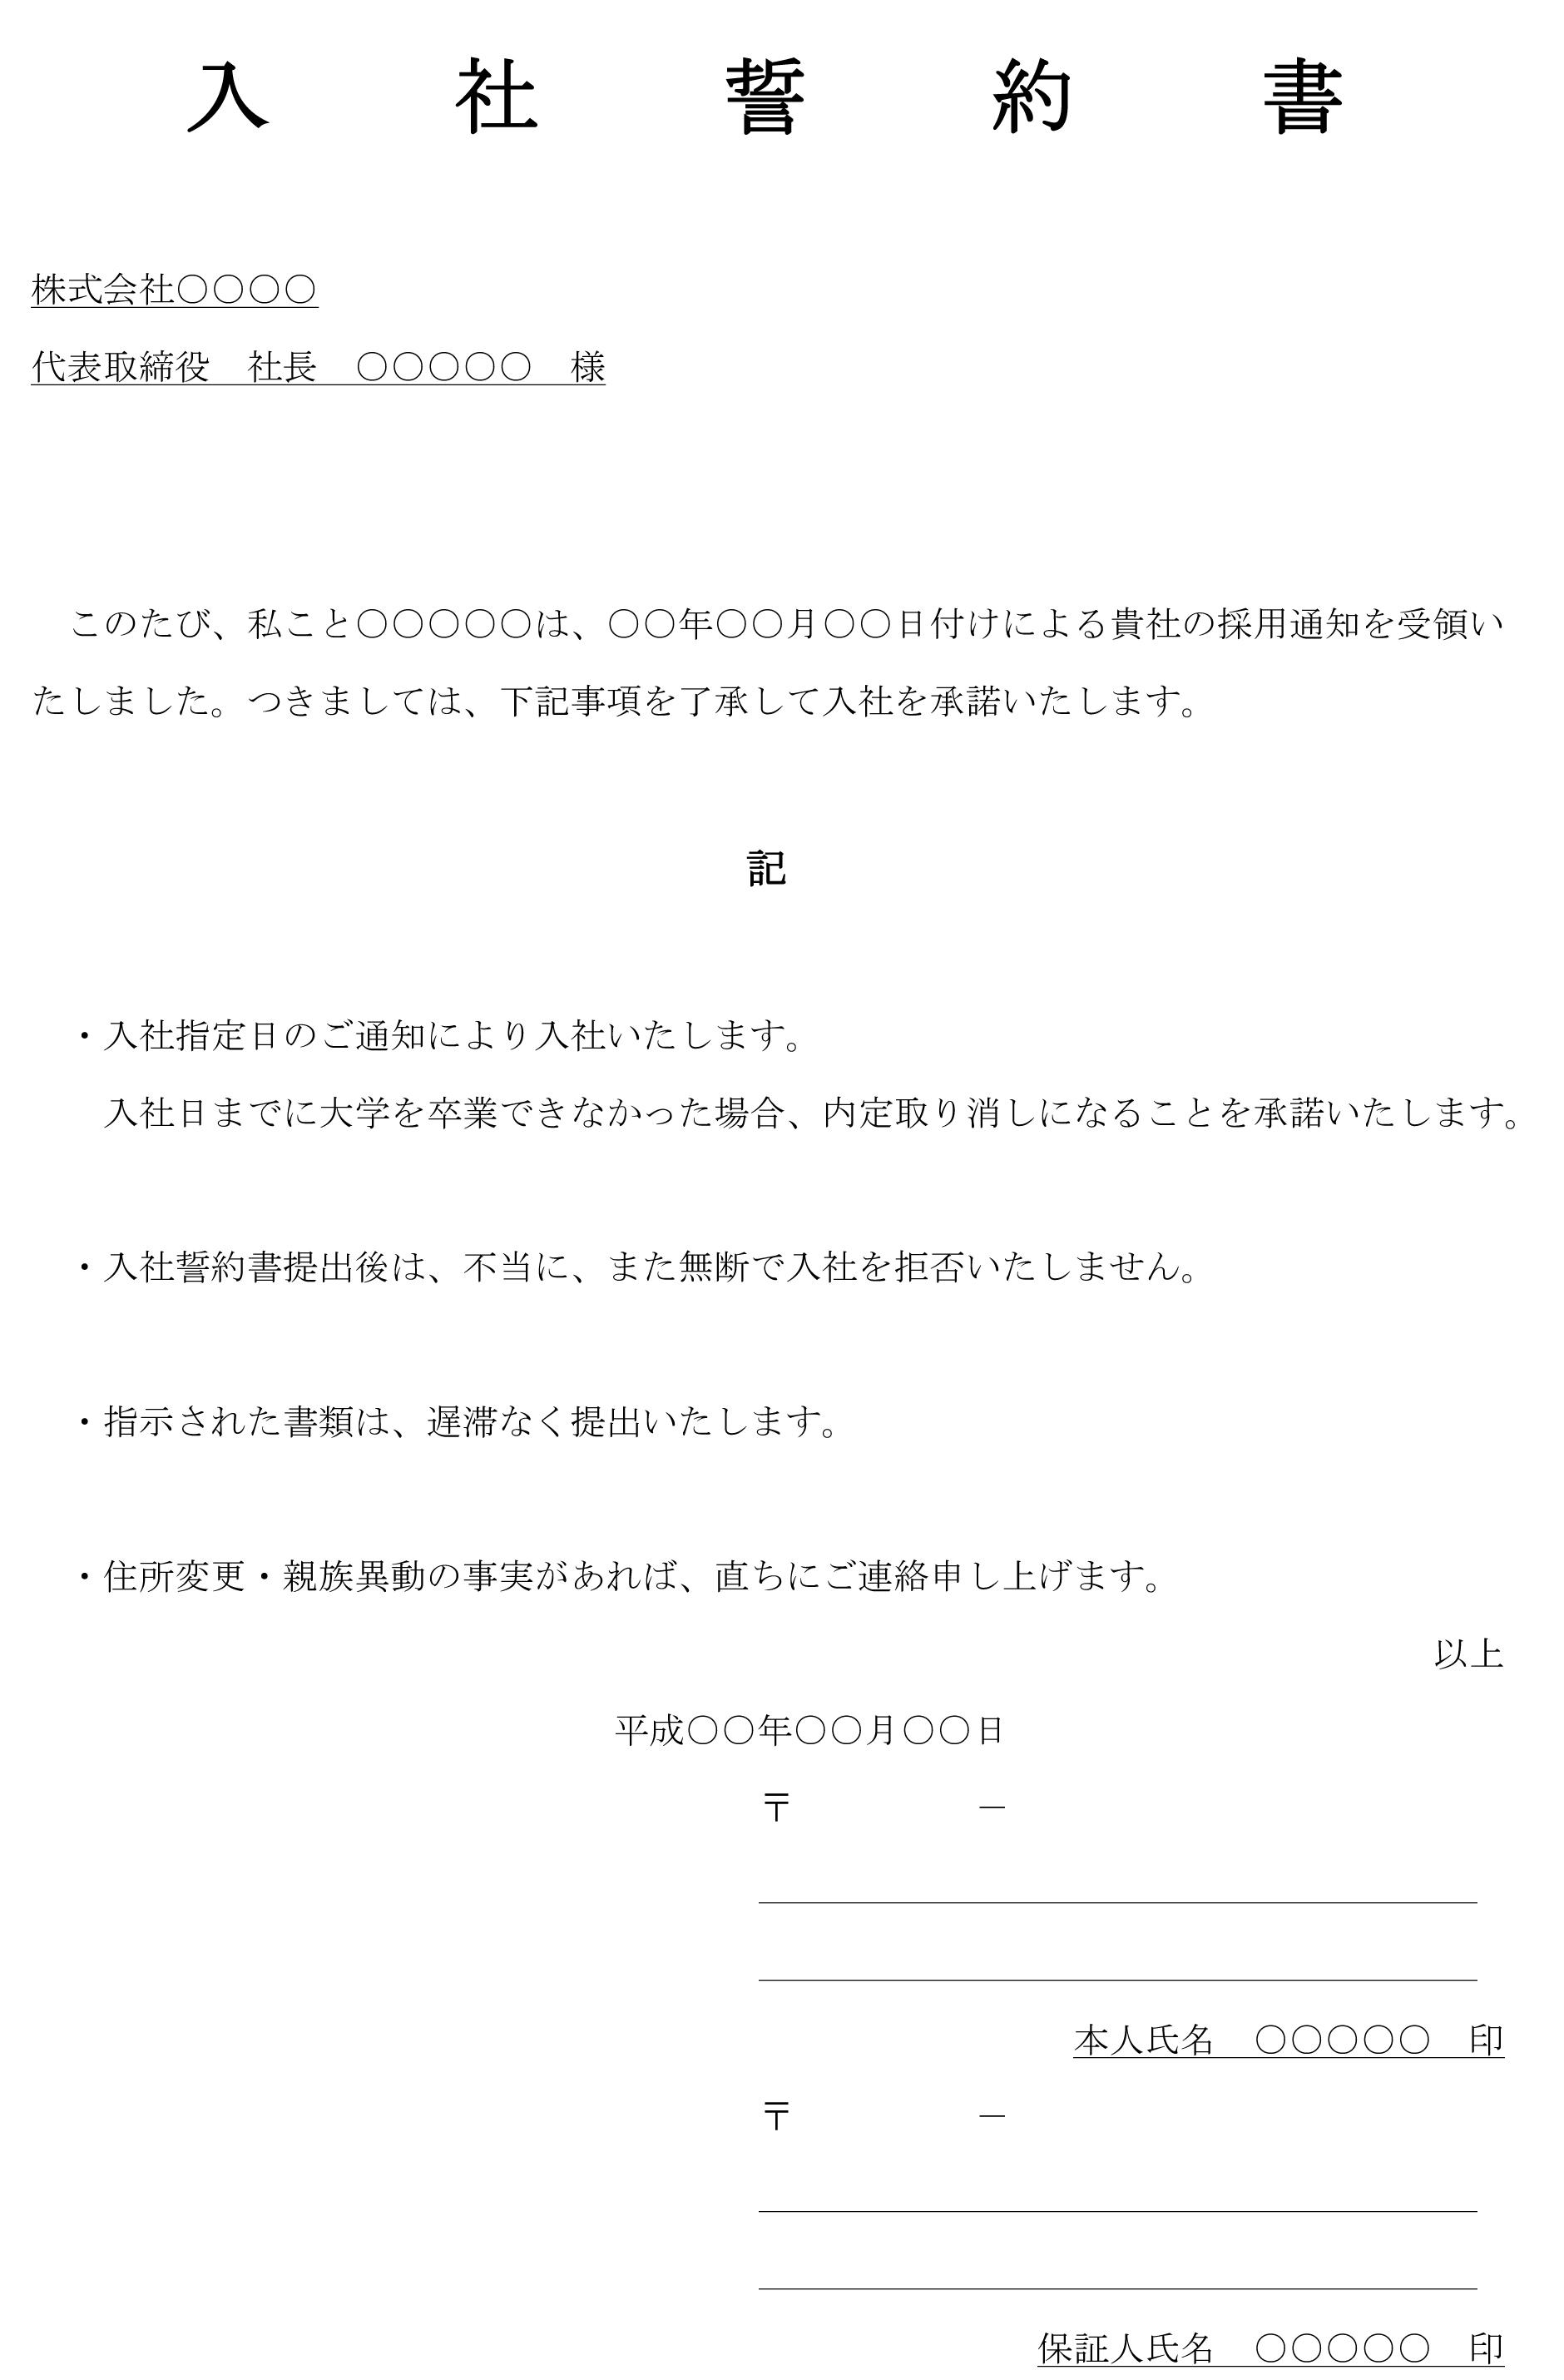 入社誓約書04